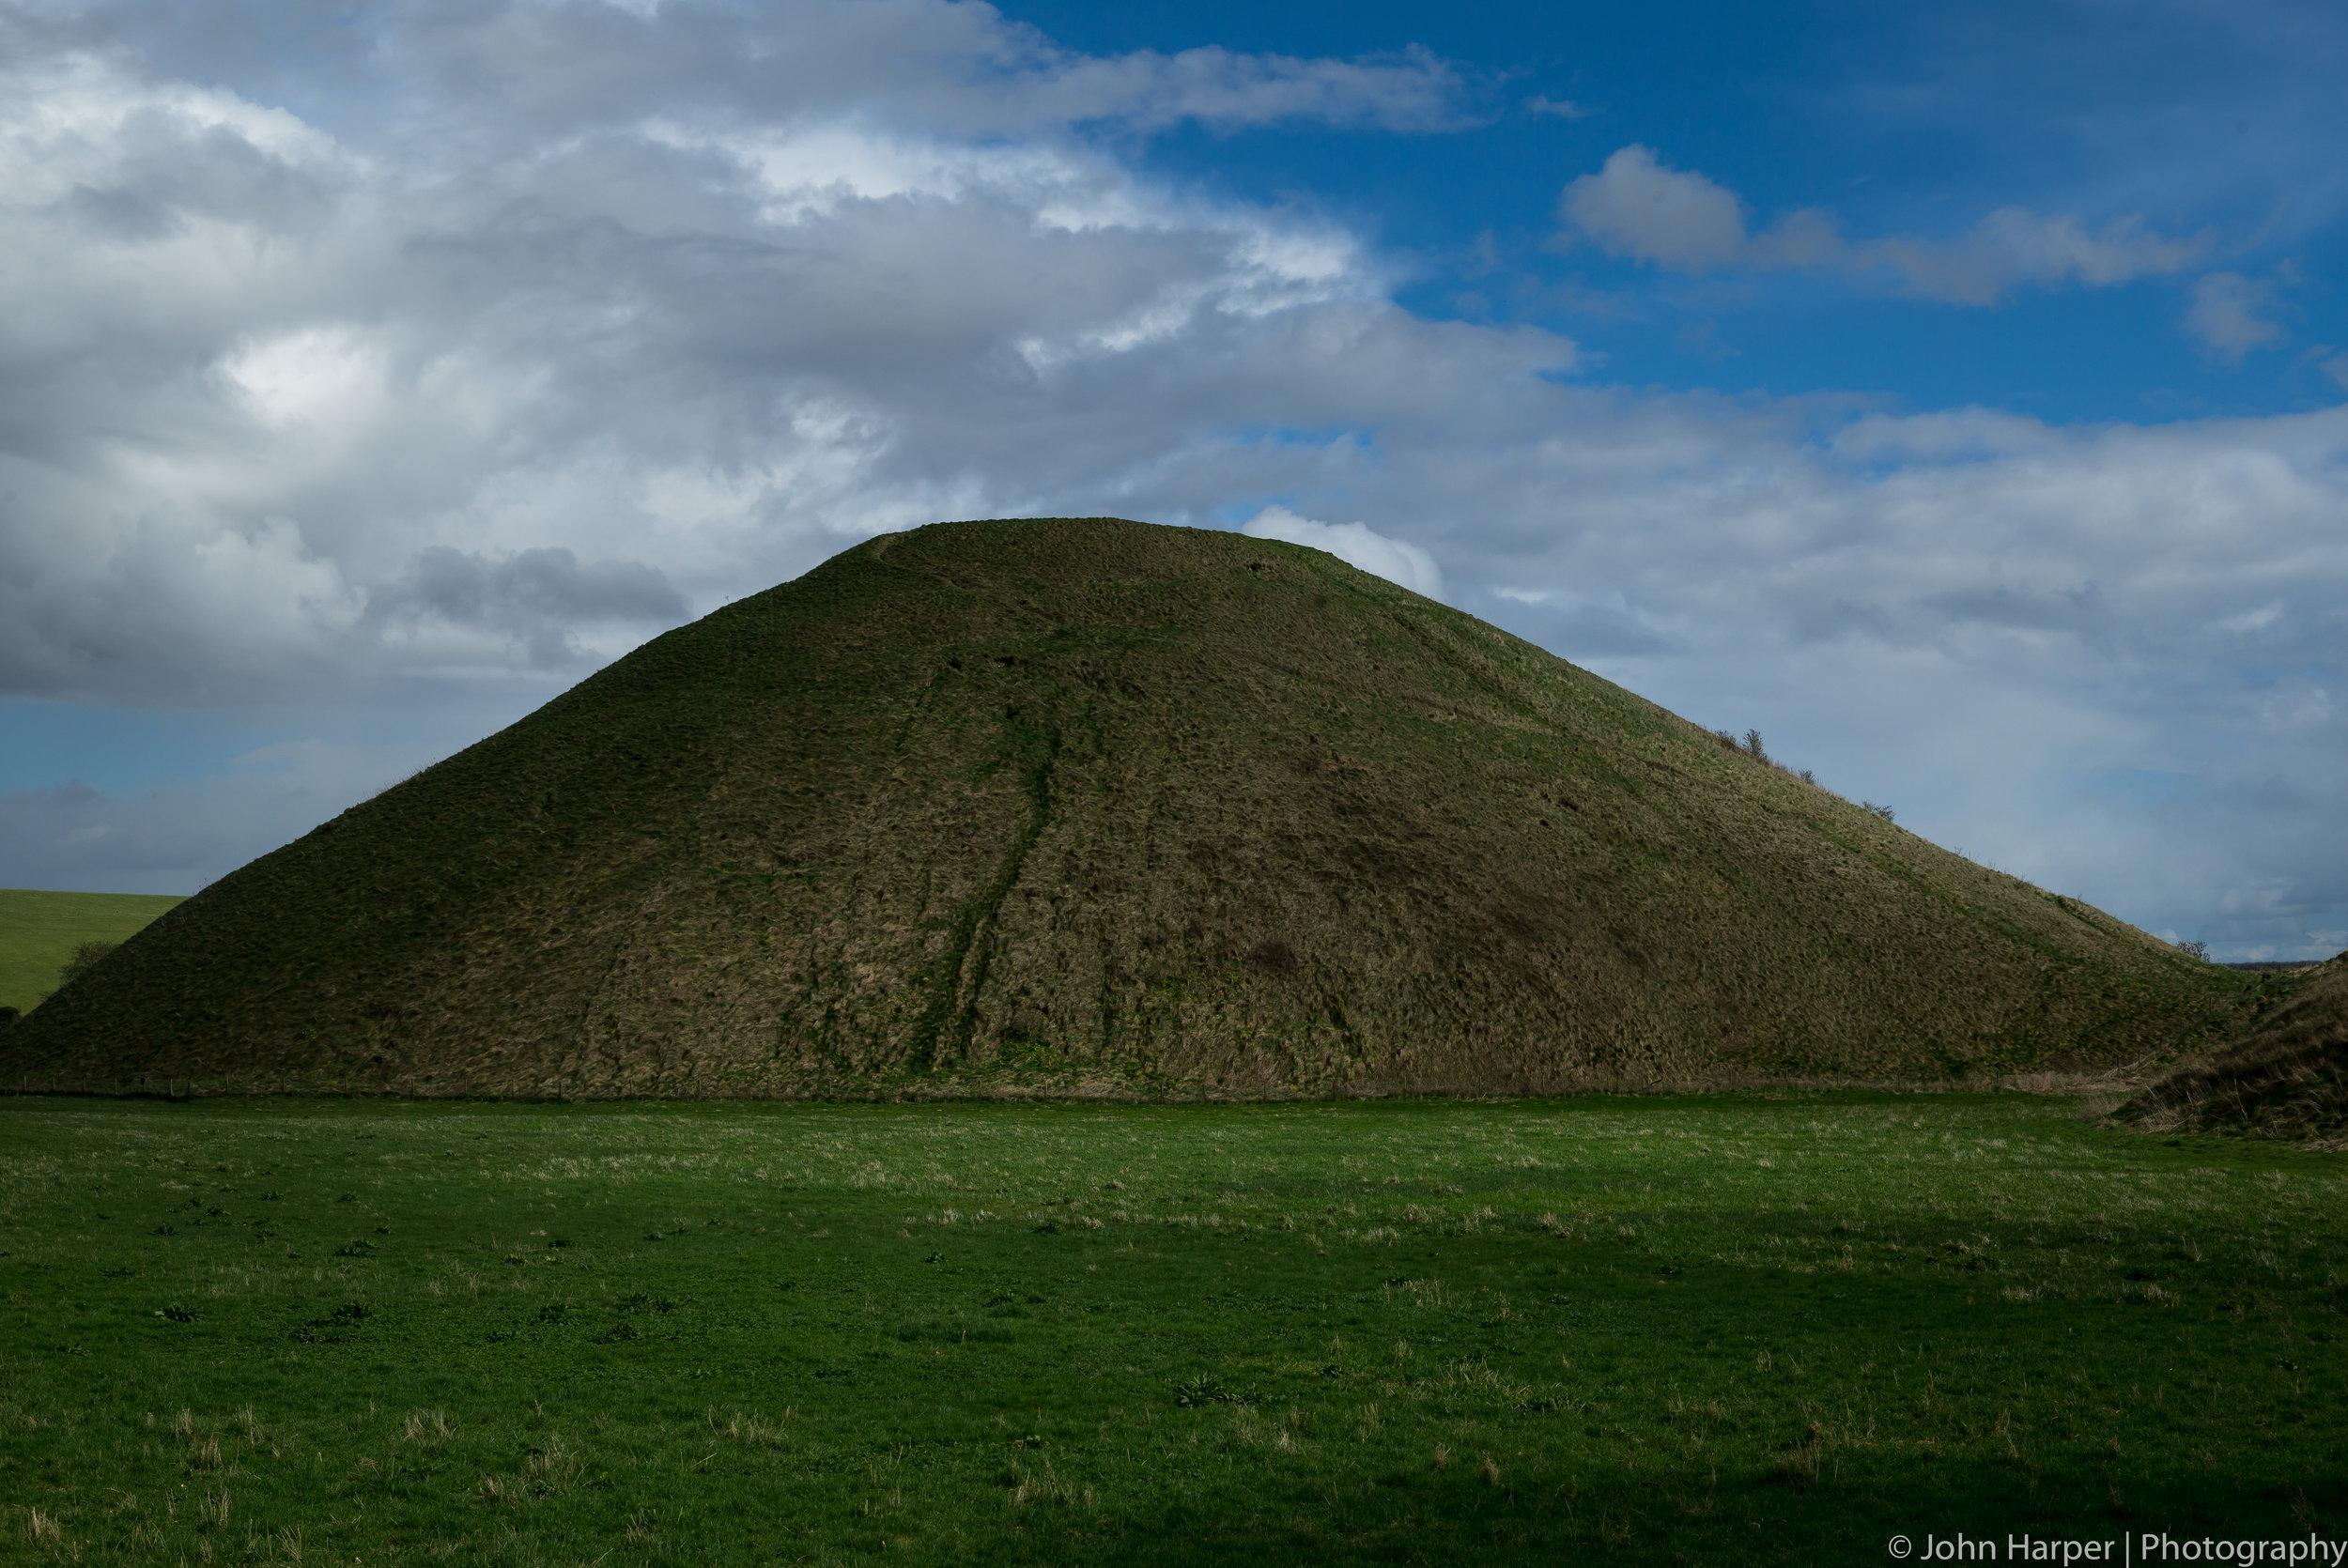 A Mound